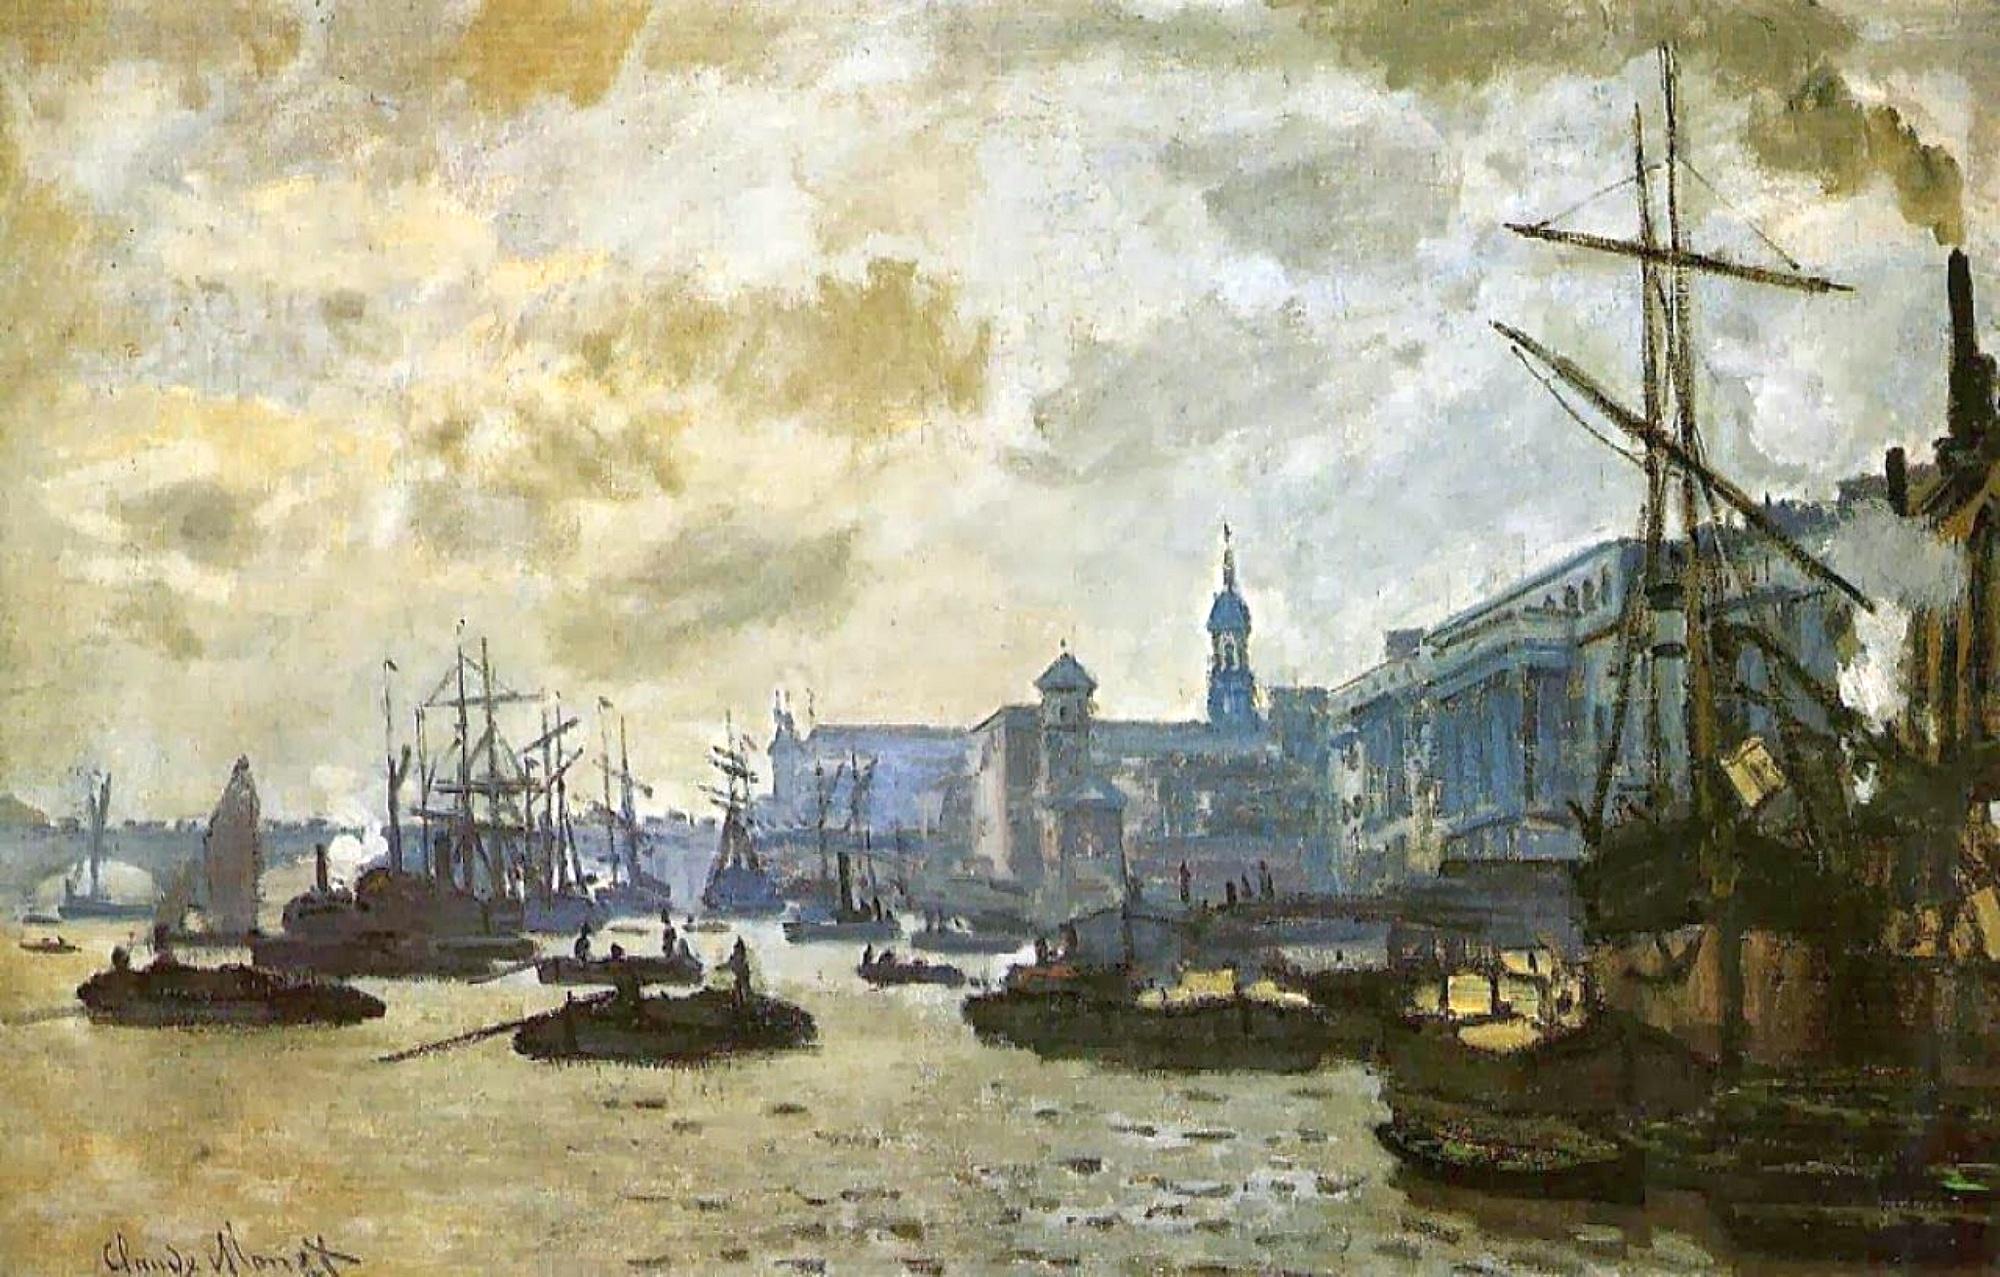 пейзажи - парусники и лодки < Лондон, порт >:: Клод Моне, описание картины - Claude Monet фото